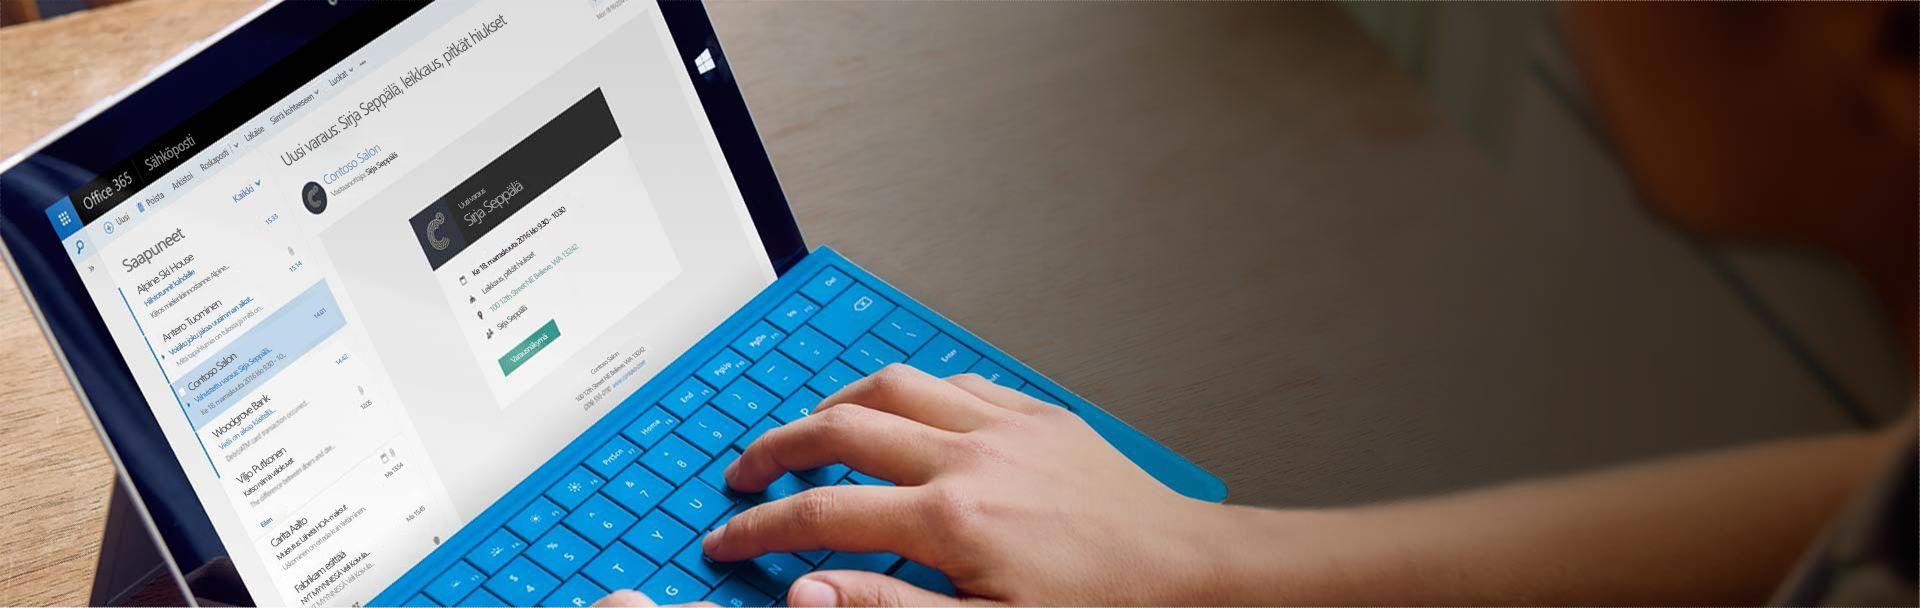 Tabletti, jossa näkyy Office 365 Bookingsin tapaamismuistutuksia sähköpostiviestissä.